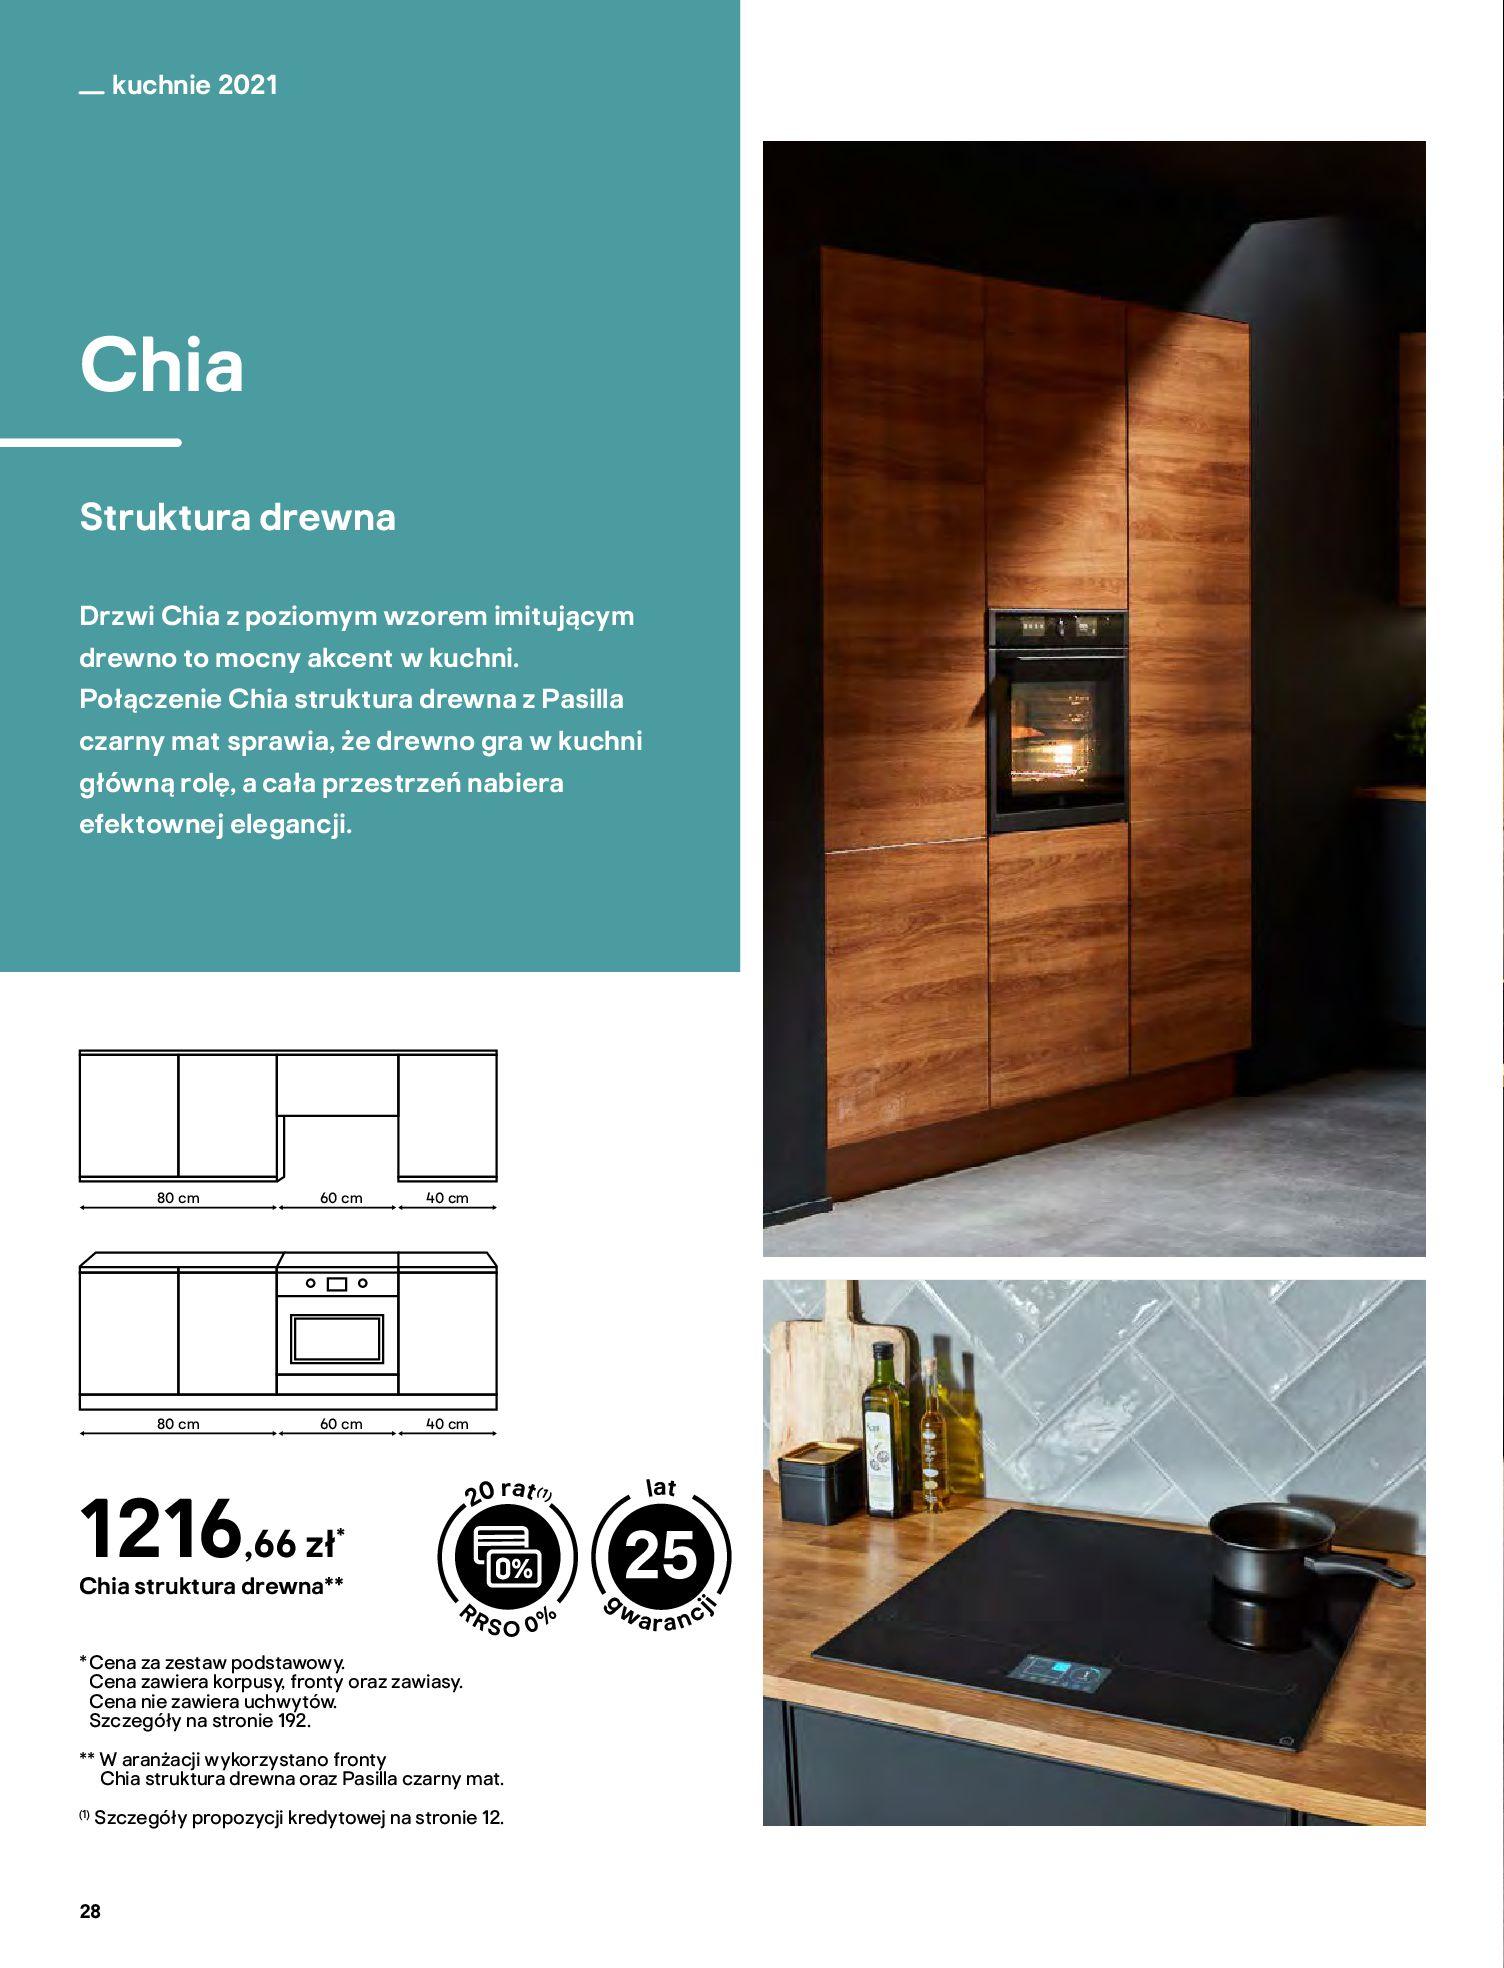 Gazetka Castorama: Katalog kuchnie 2021 2021-05-04 page-28